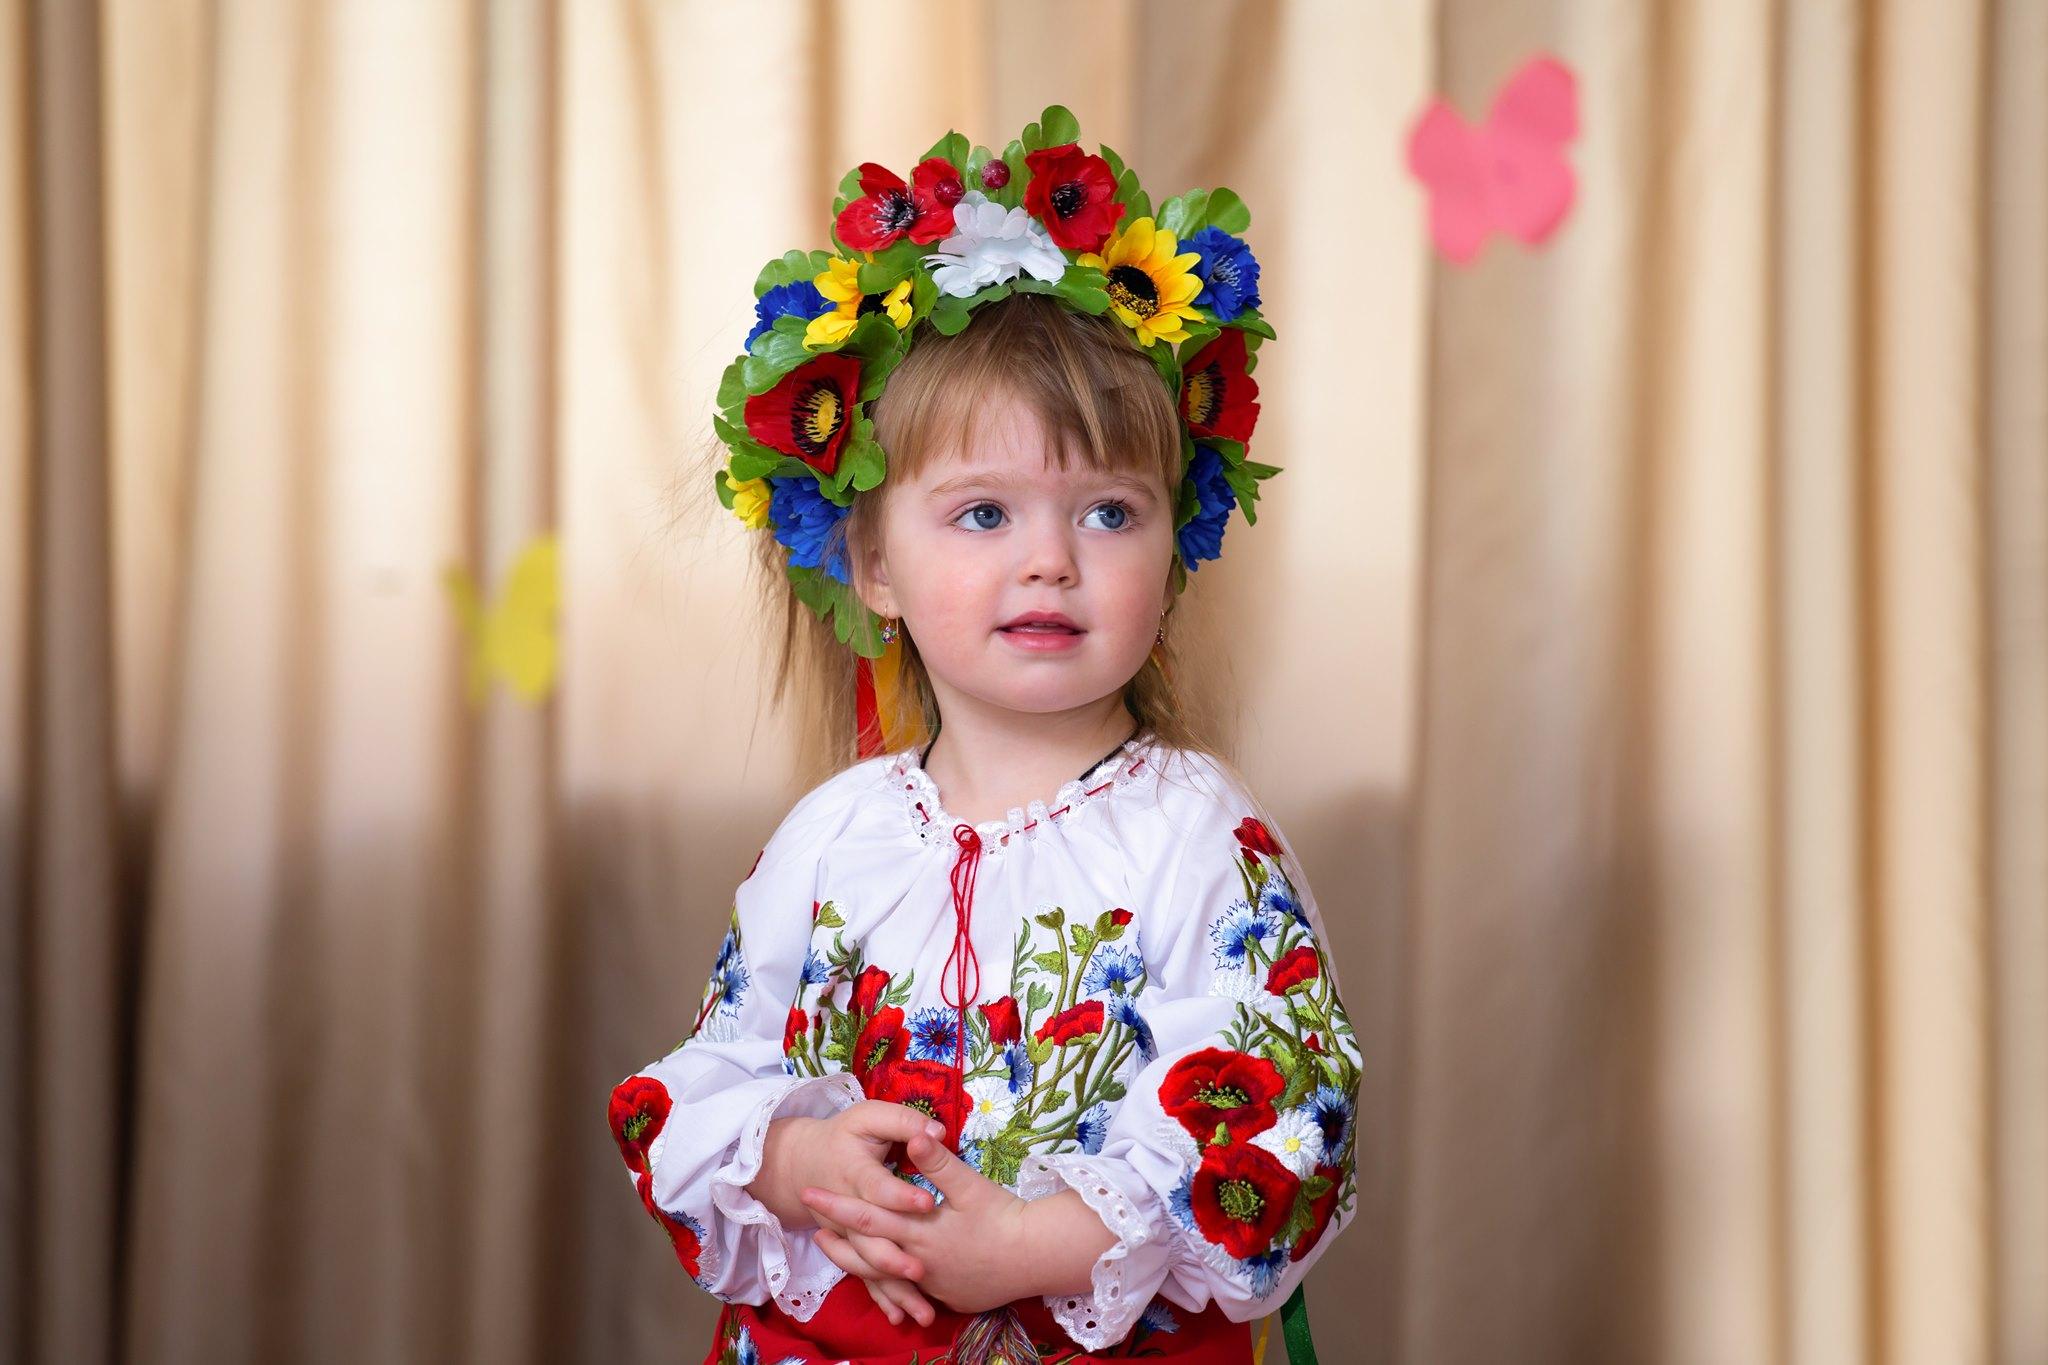 утренник в детском саду фото, фотографии детей на утреннике, девочка с венком фото, маленькая девочка в украинском народном наряде